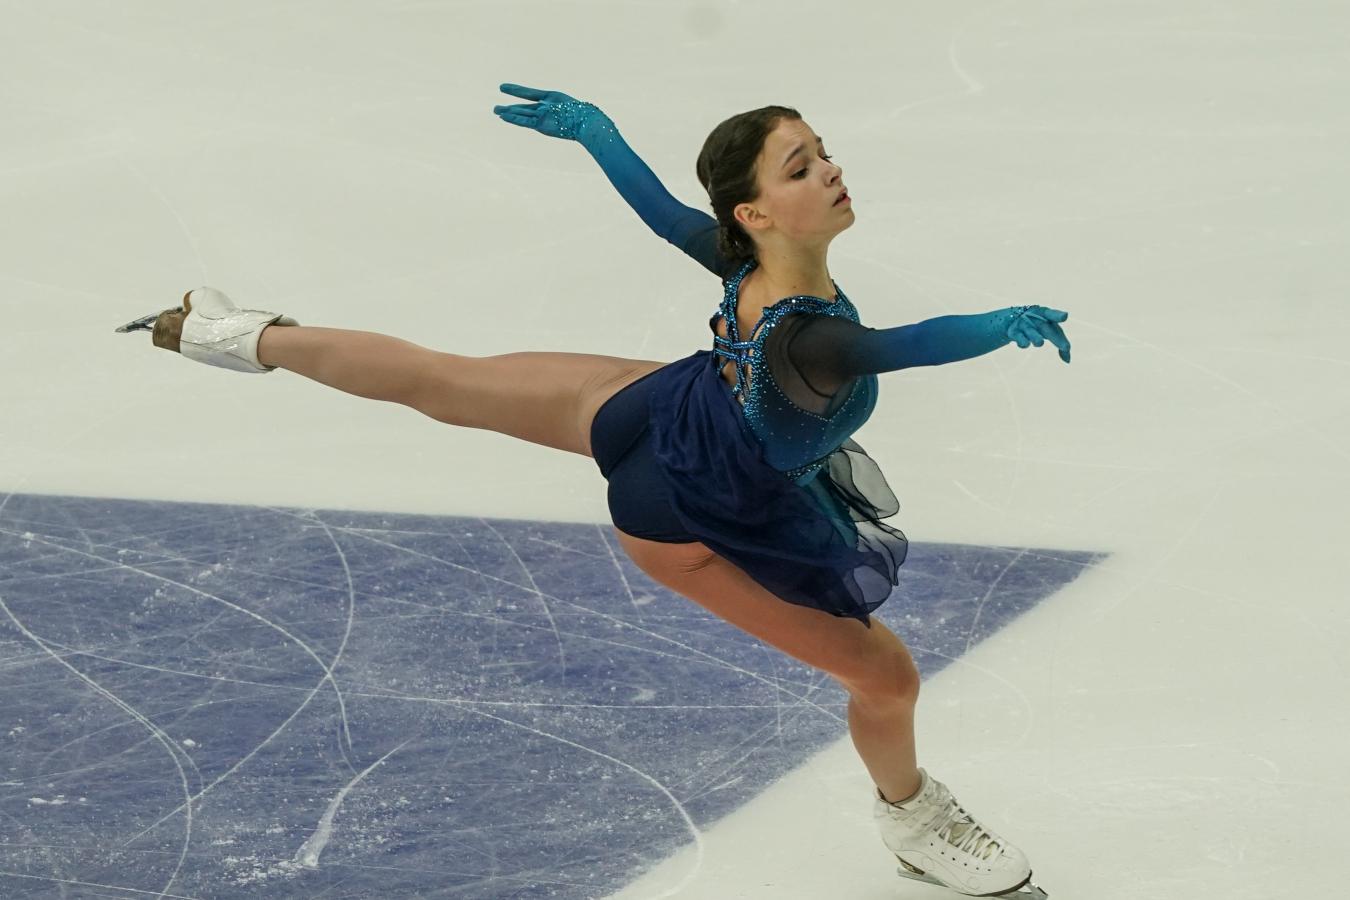 Щербакова с личным рекордом опередила Туктамышеву в короткой программе на командном ЧМ